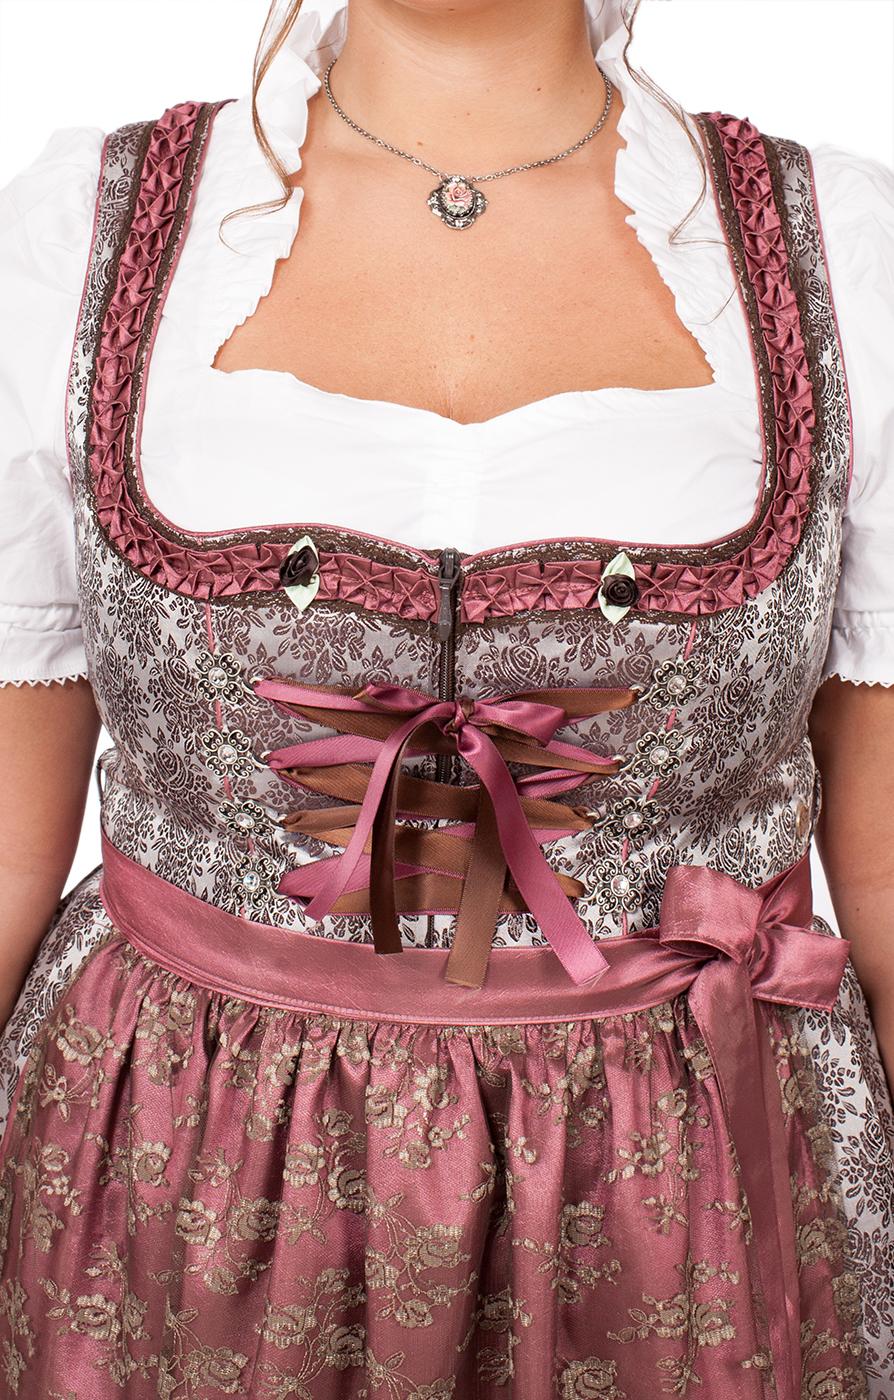 weitere Bilder von Mididirndl 2 delig 65cm RAVINA-PlusSize-bruin pink